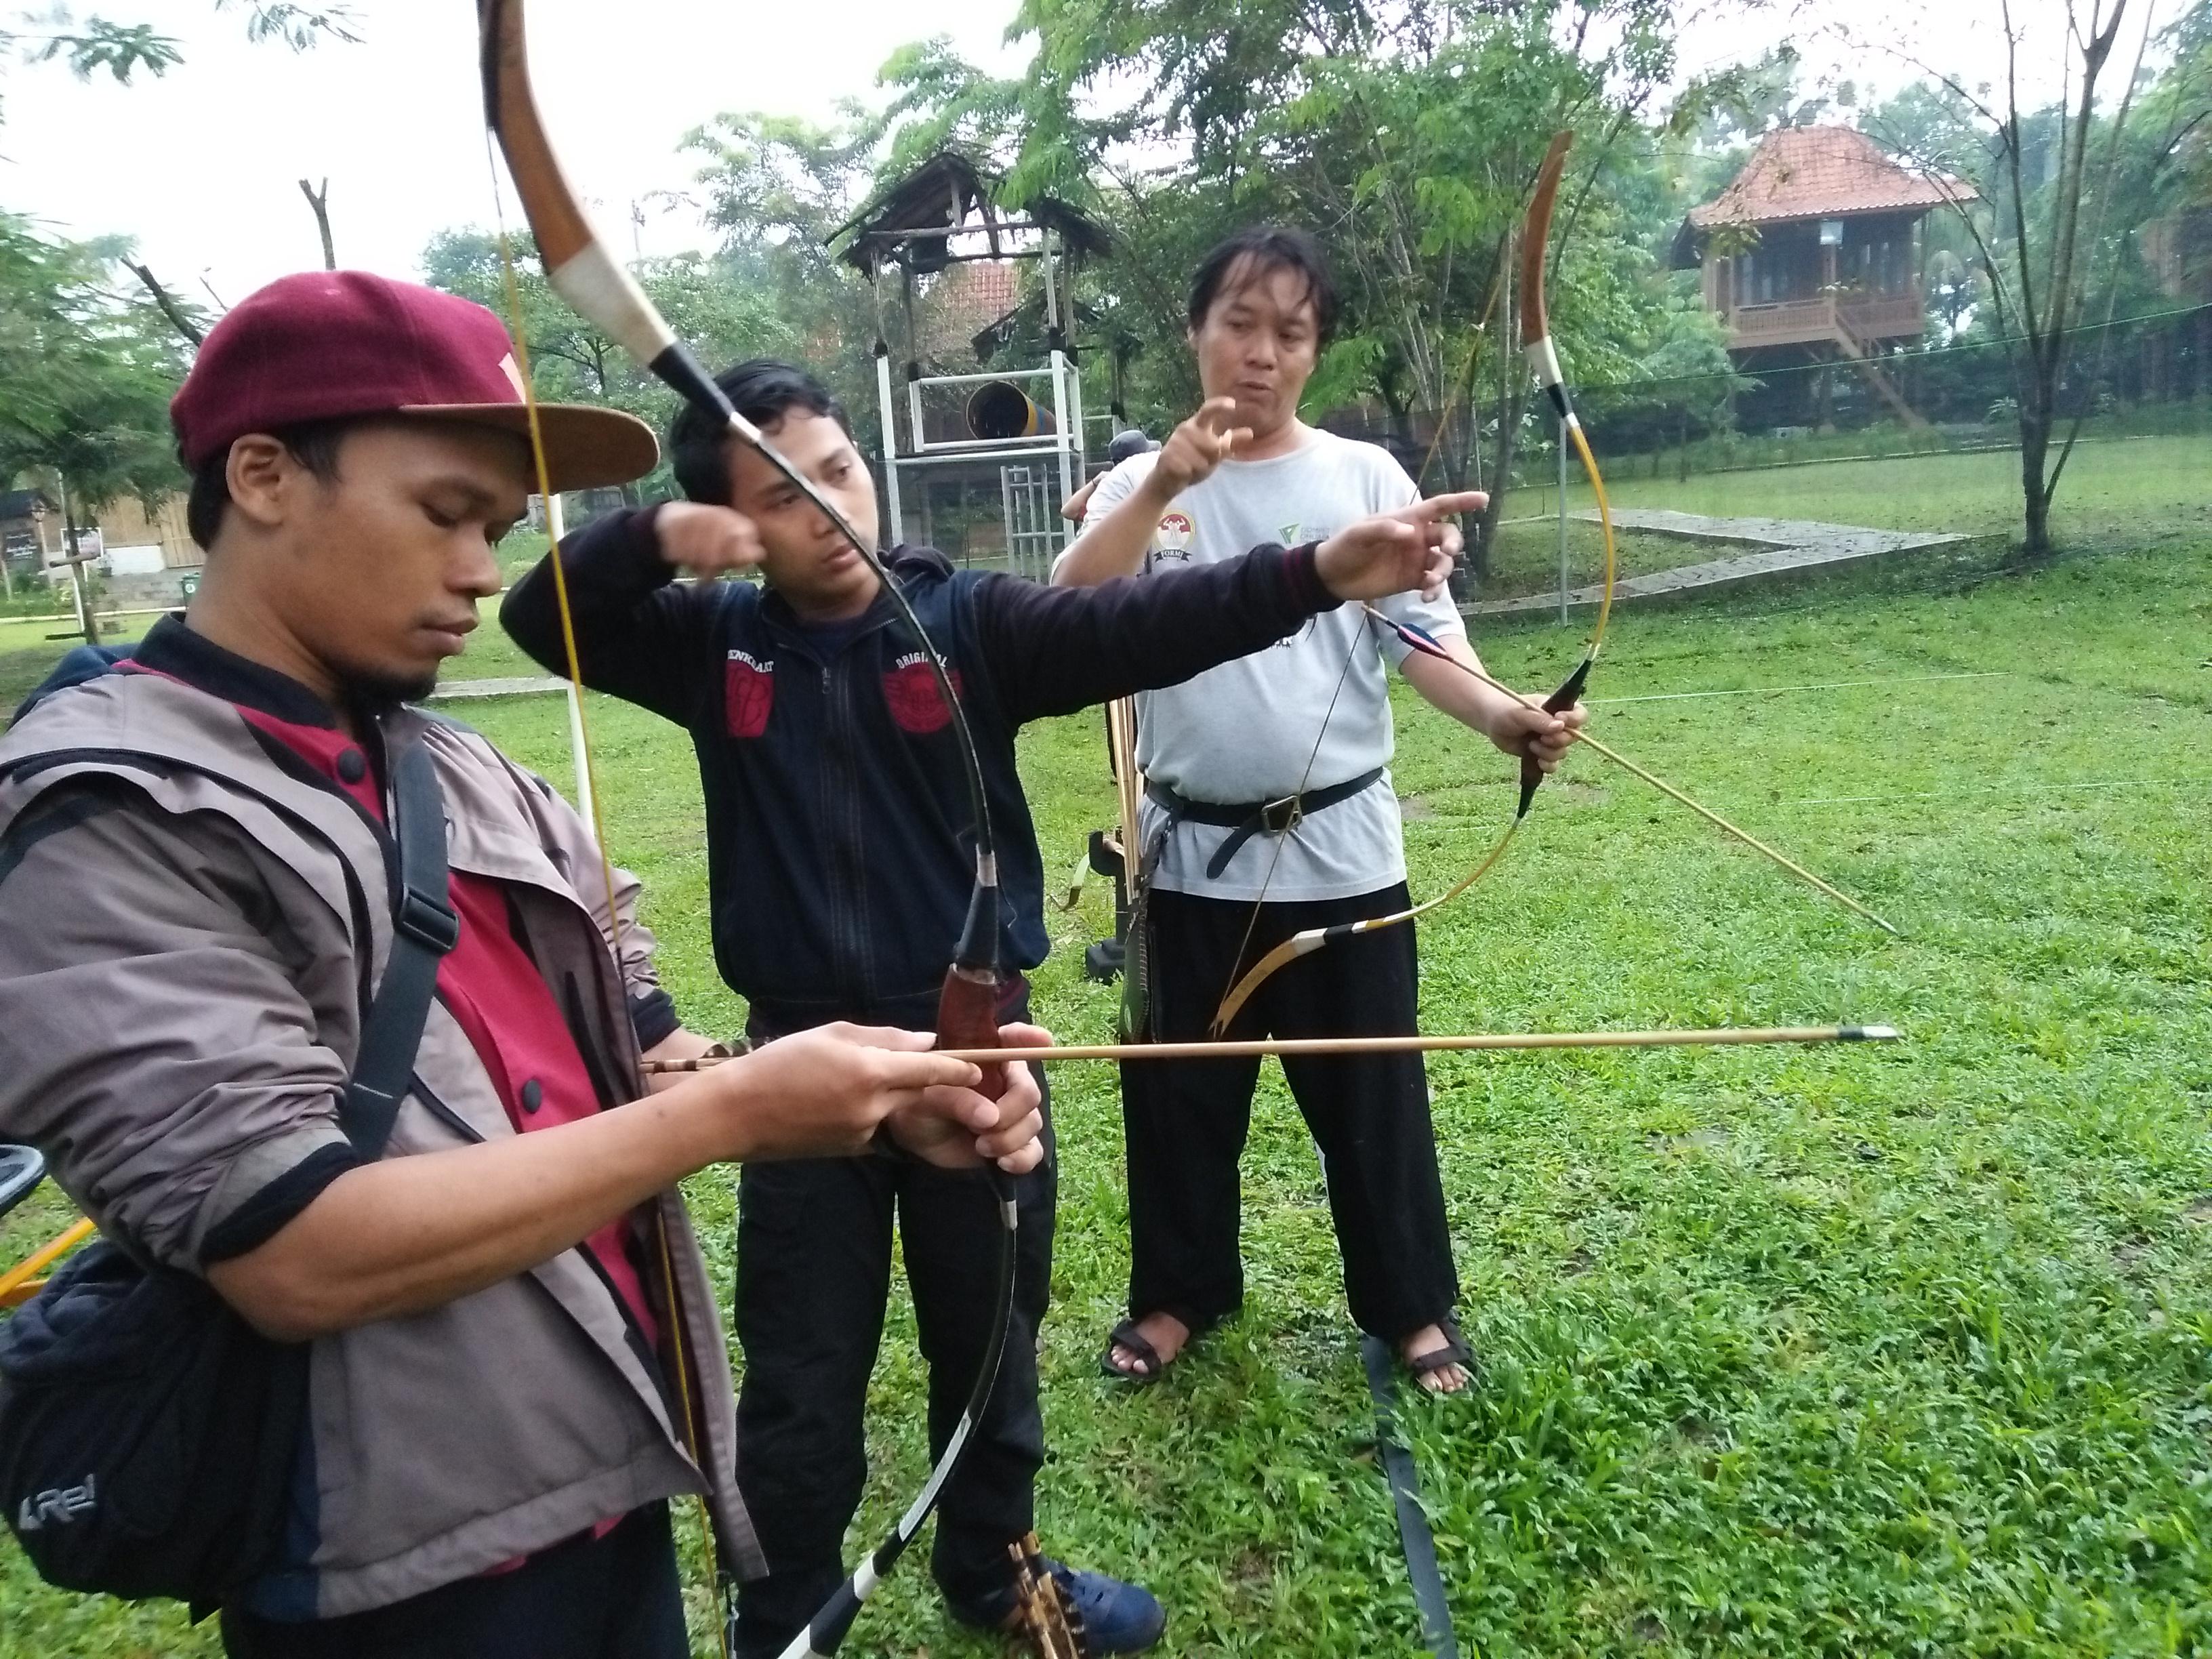 Free Archery Burit ( Ngabuburit Sambil Bermain Panahan Secara Gratis di Wisata Djampang )